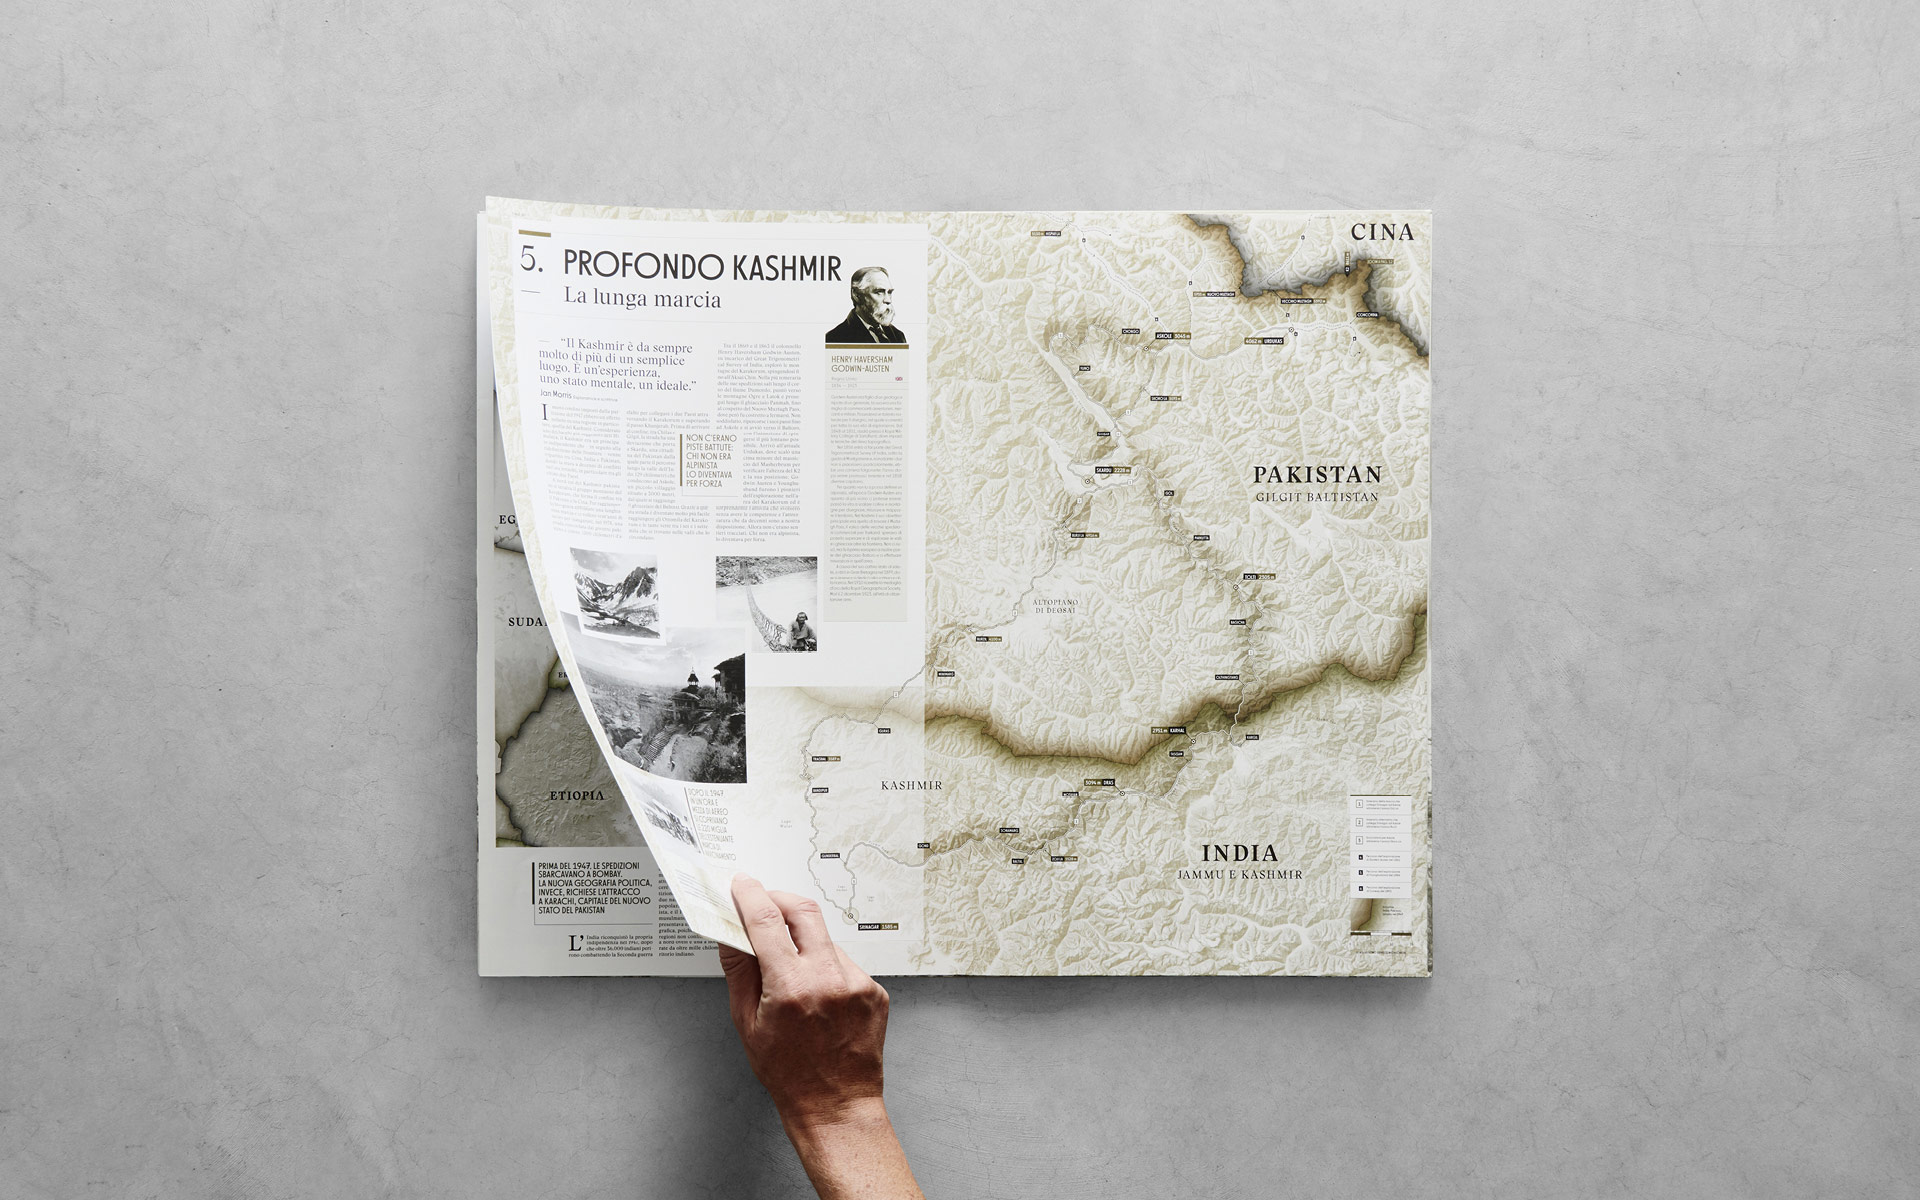 Voorbeeld van de binnenpagina's van het boek 'K2 History of the Impossible Mountain' uitgegeven door Rizzoli Lizard